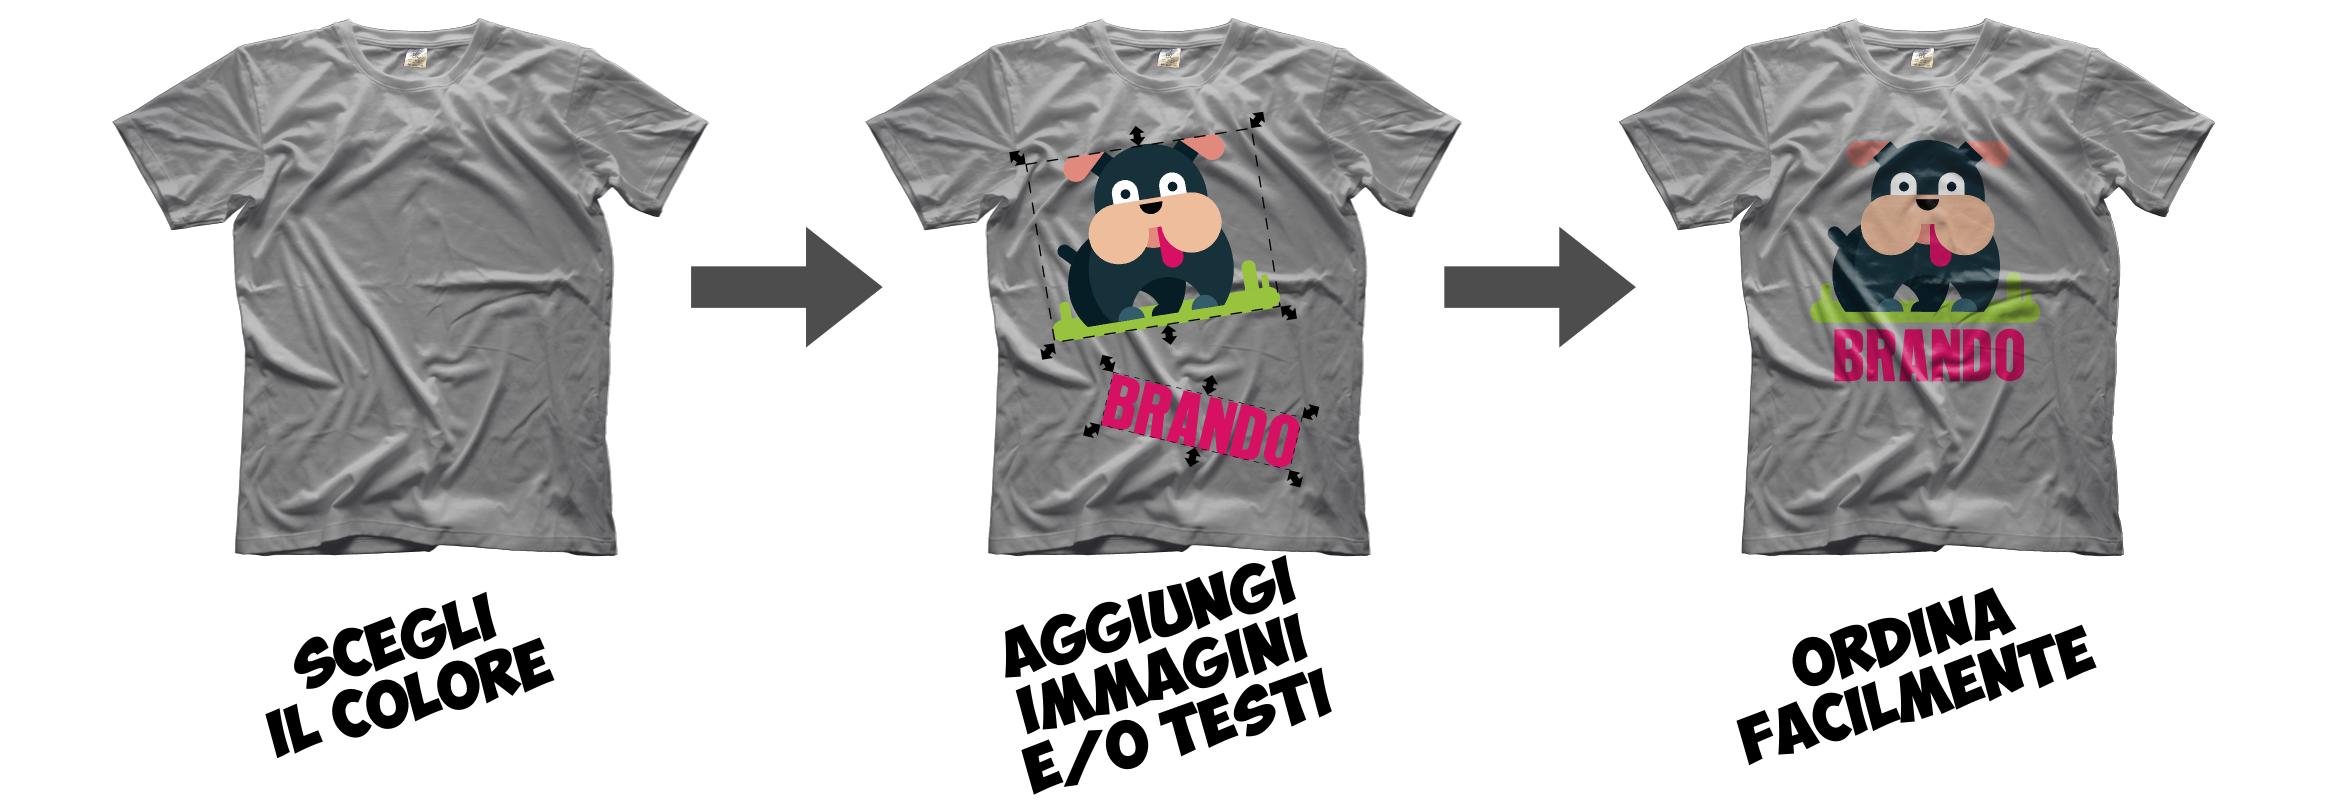 Crea la tua maglietta online e ricevila for Crea la tua planimetria online